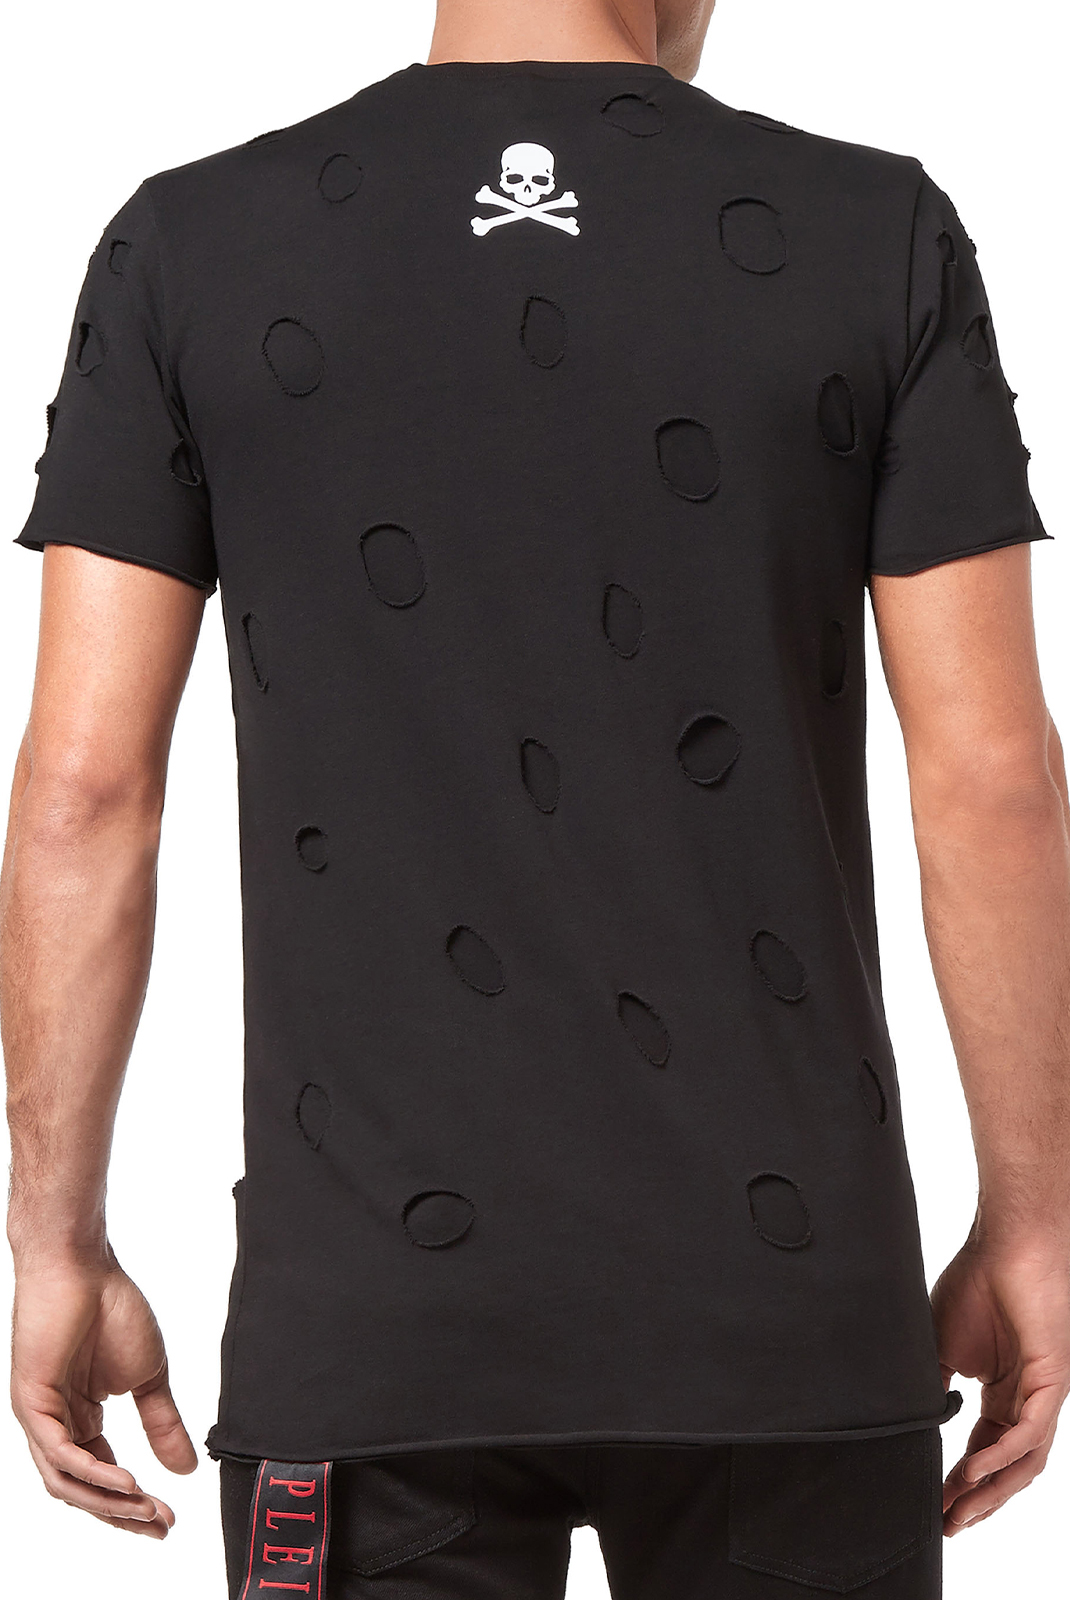 Tee-shirts  Philipp plein MTK2482 Round neck ss fresh BLACK